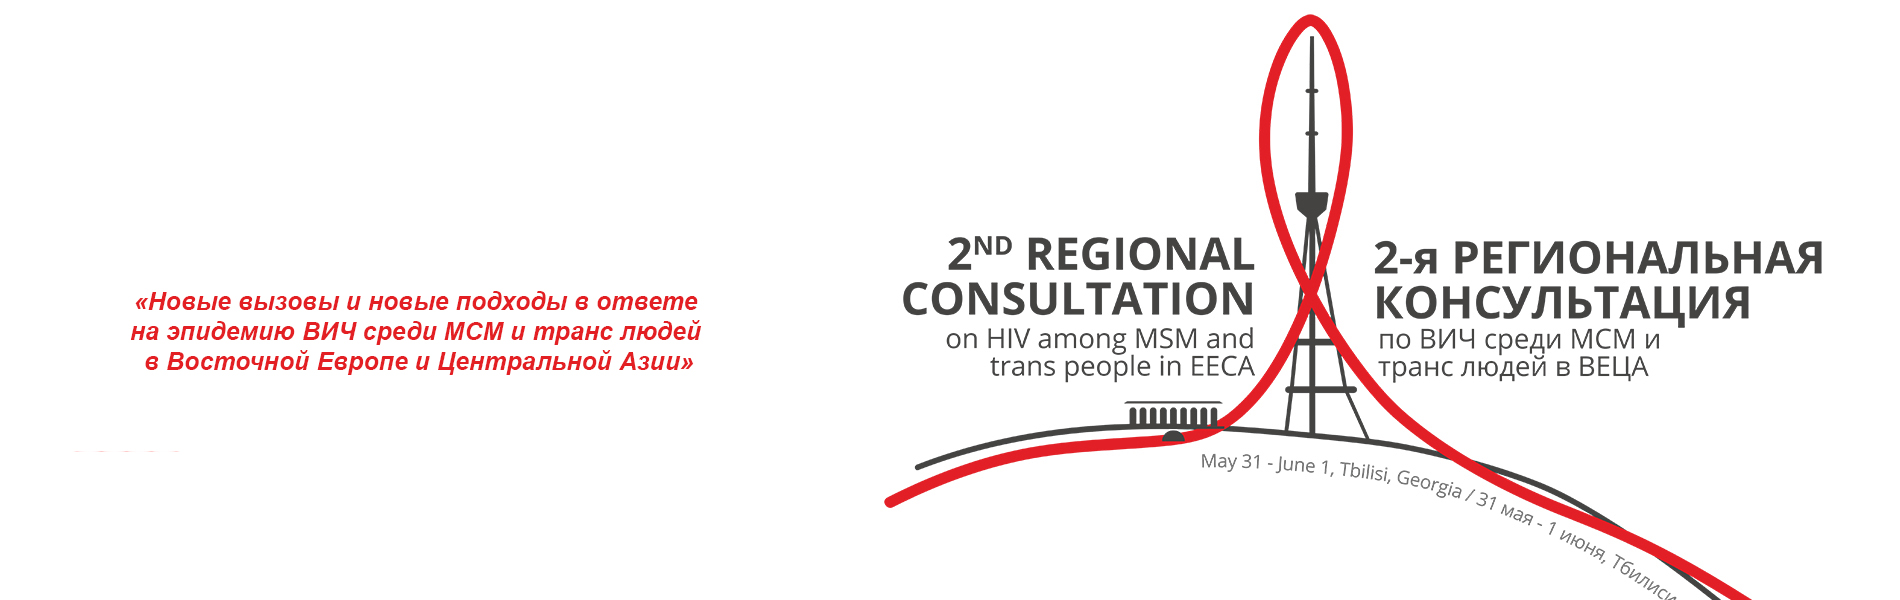 Евразийская коалиция по мужскому здоровью объявляет о проведении 2-ой Региональной консультации по вопросам ВИЧ-инфекции среди МСМ и транс людей в Восточной Европе и Центральной Азии, которая пройдет 31 мая – 1 июня 2018 года в Тбилиси, Грузия.